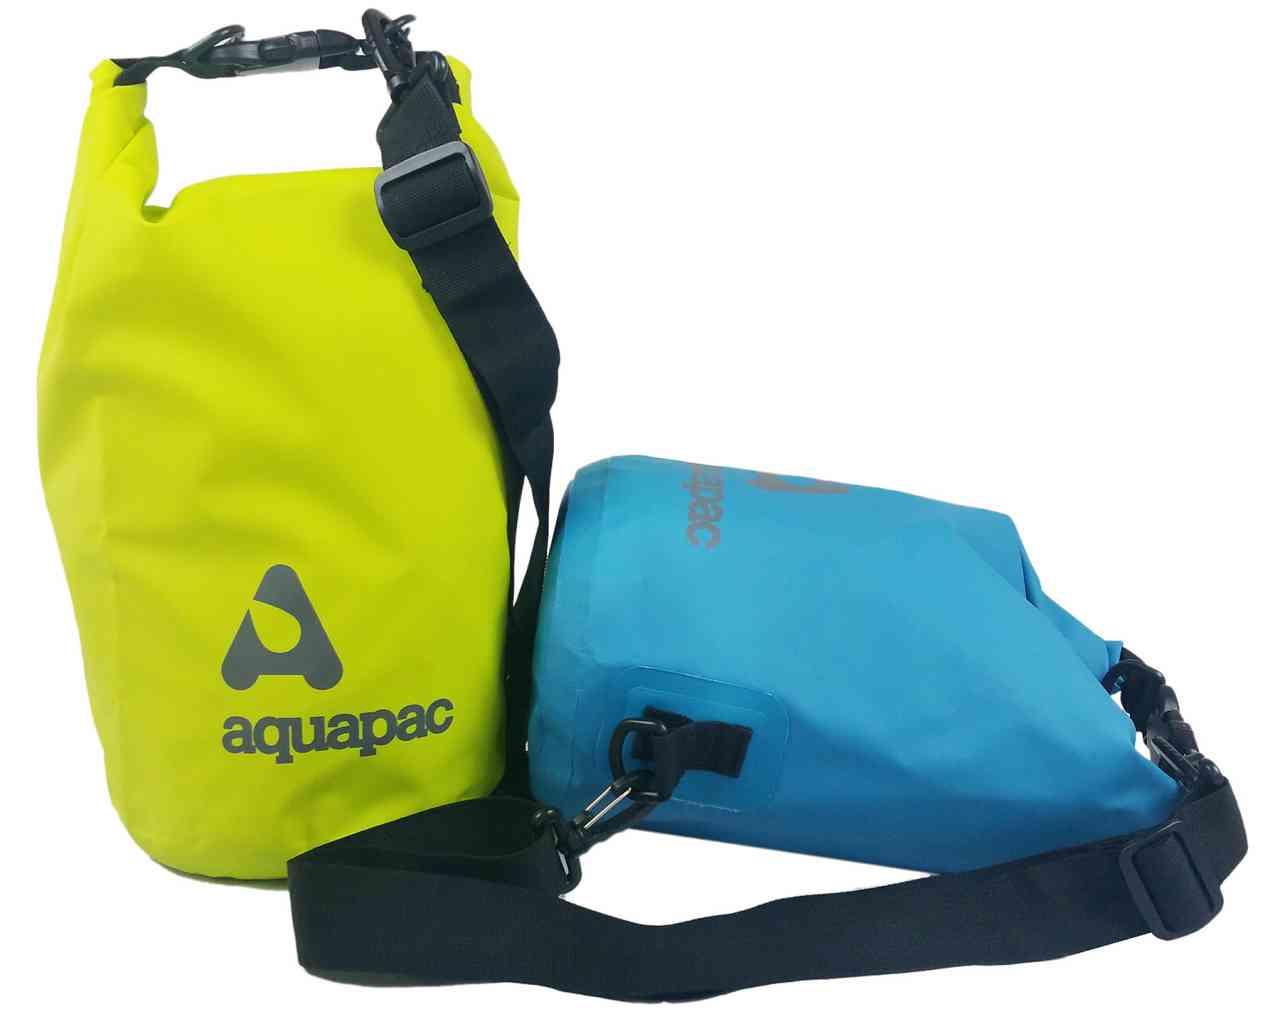 Водонепроницаемый гермомешок (с плечевым ремнем) Aquapac 731 - TrailProof™ Drybag – 7L with shoulder strap.. Aquapac - №1 в мире водонепроницаемых чехлов и сумок. Фото 1